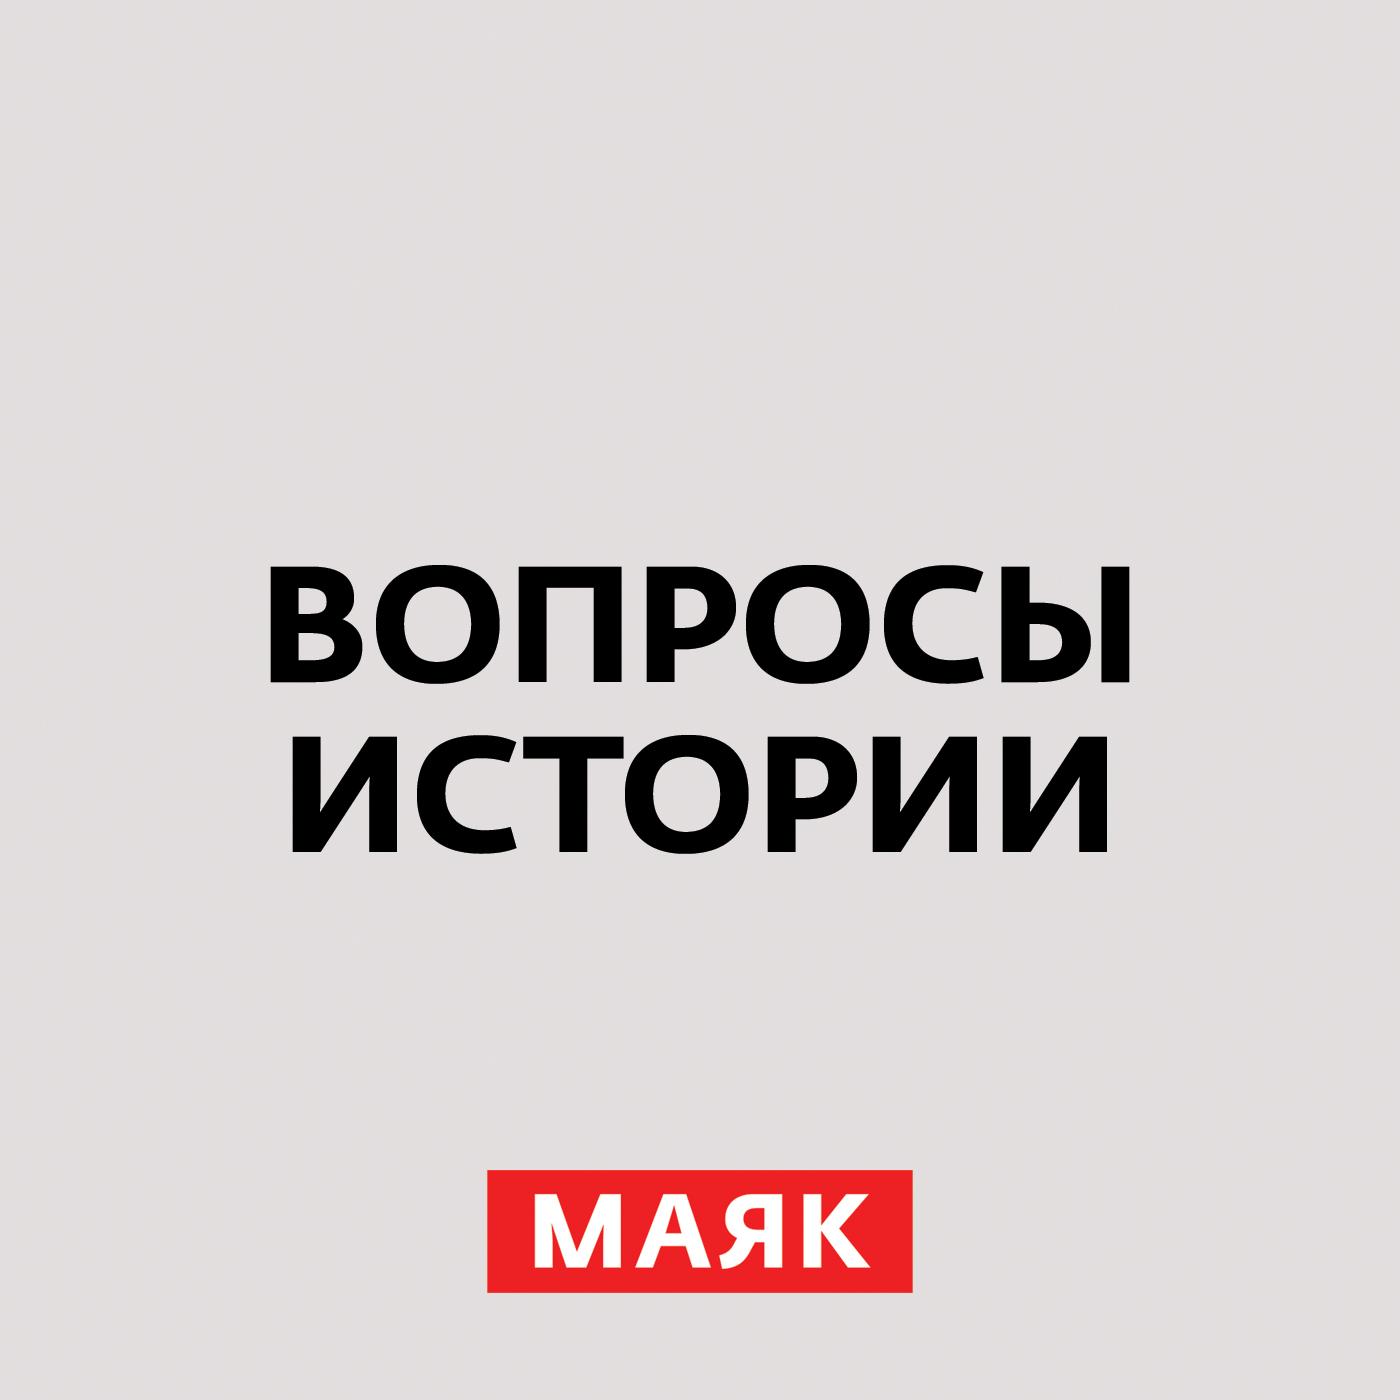 Андрей Светенко Вандализм Майдана никто не сможет оправдать андрей светенко первая мировая никто не рассчитывал долго сидеть в окопах